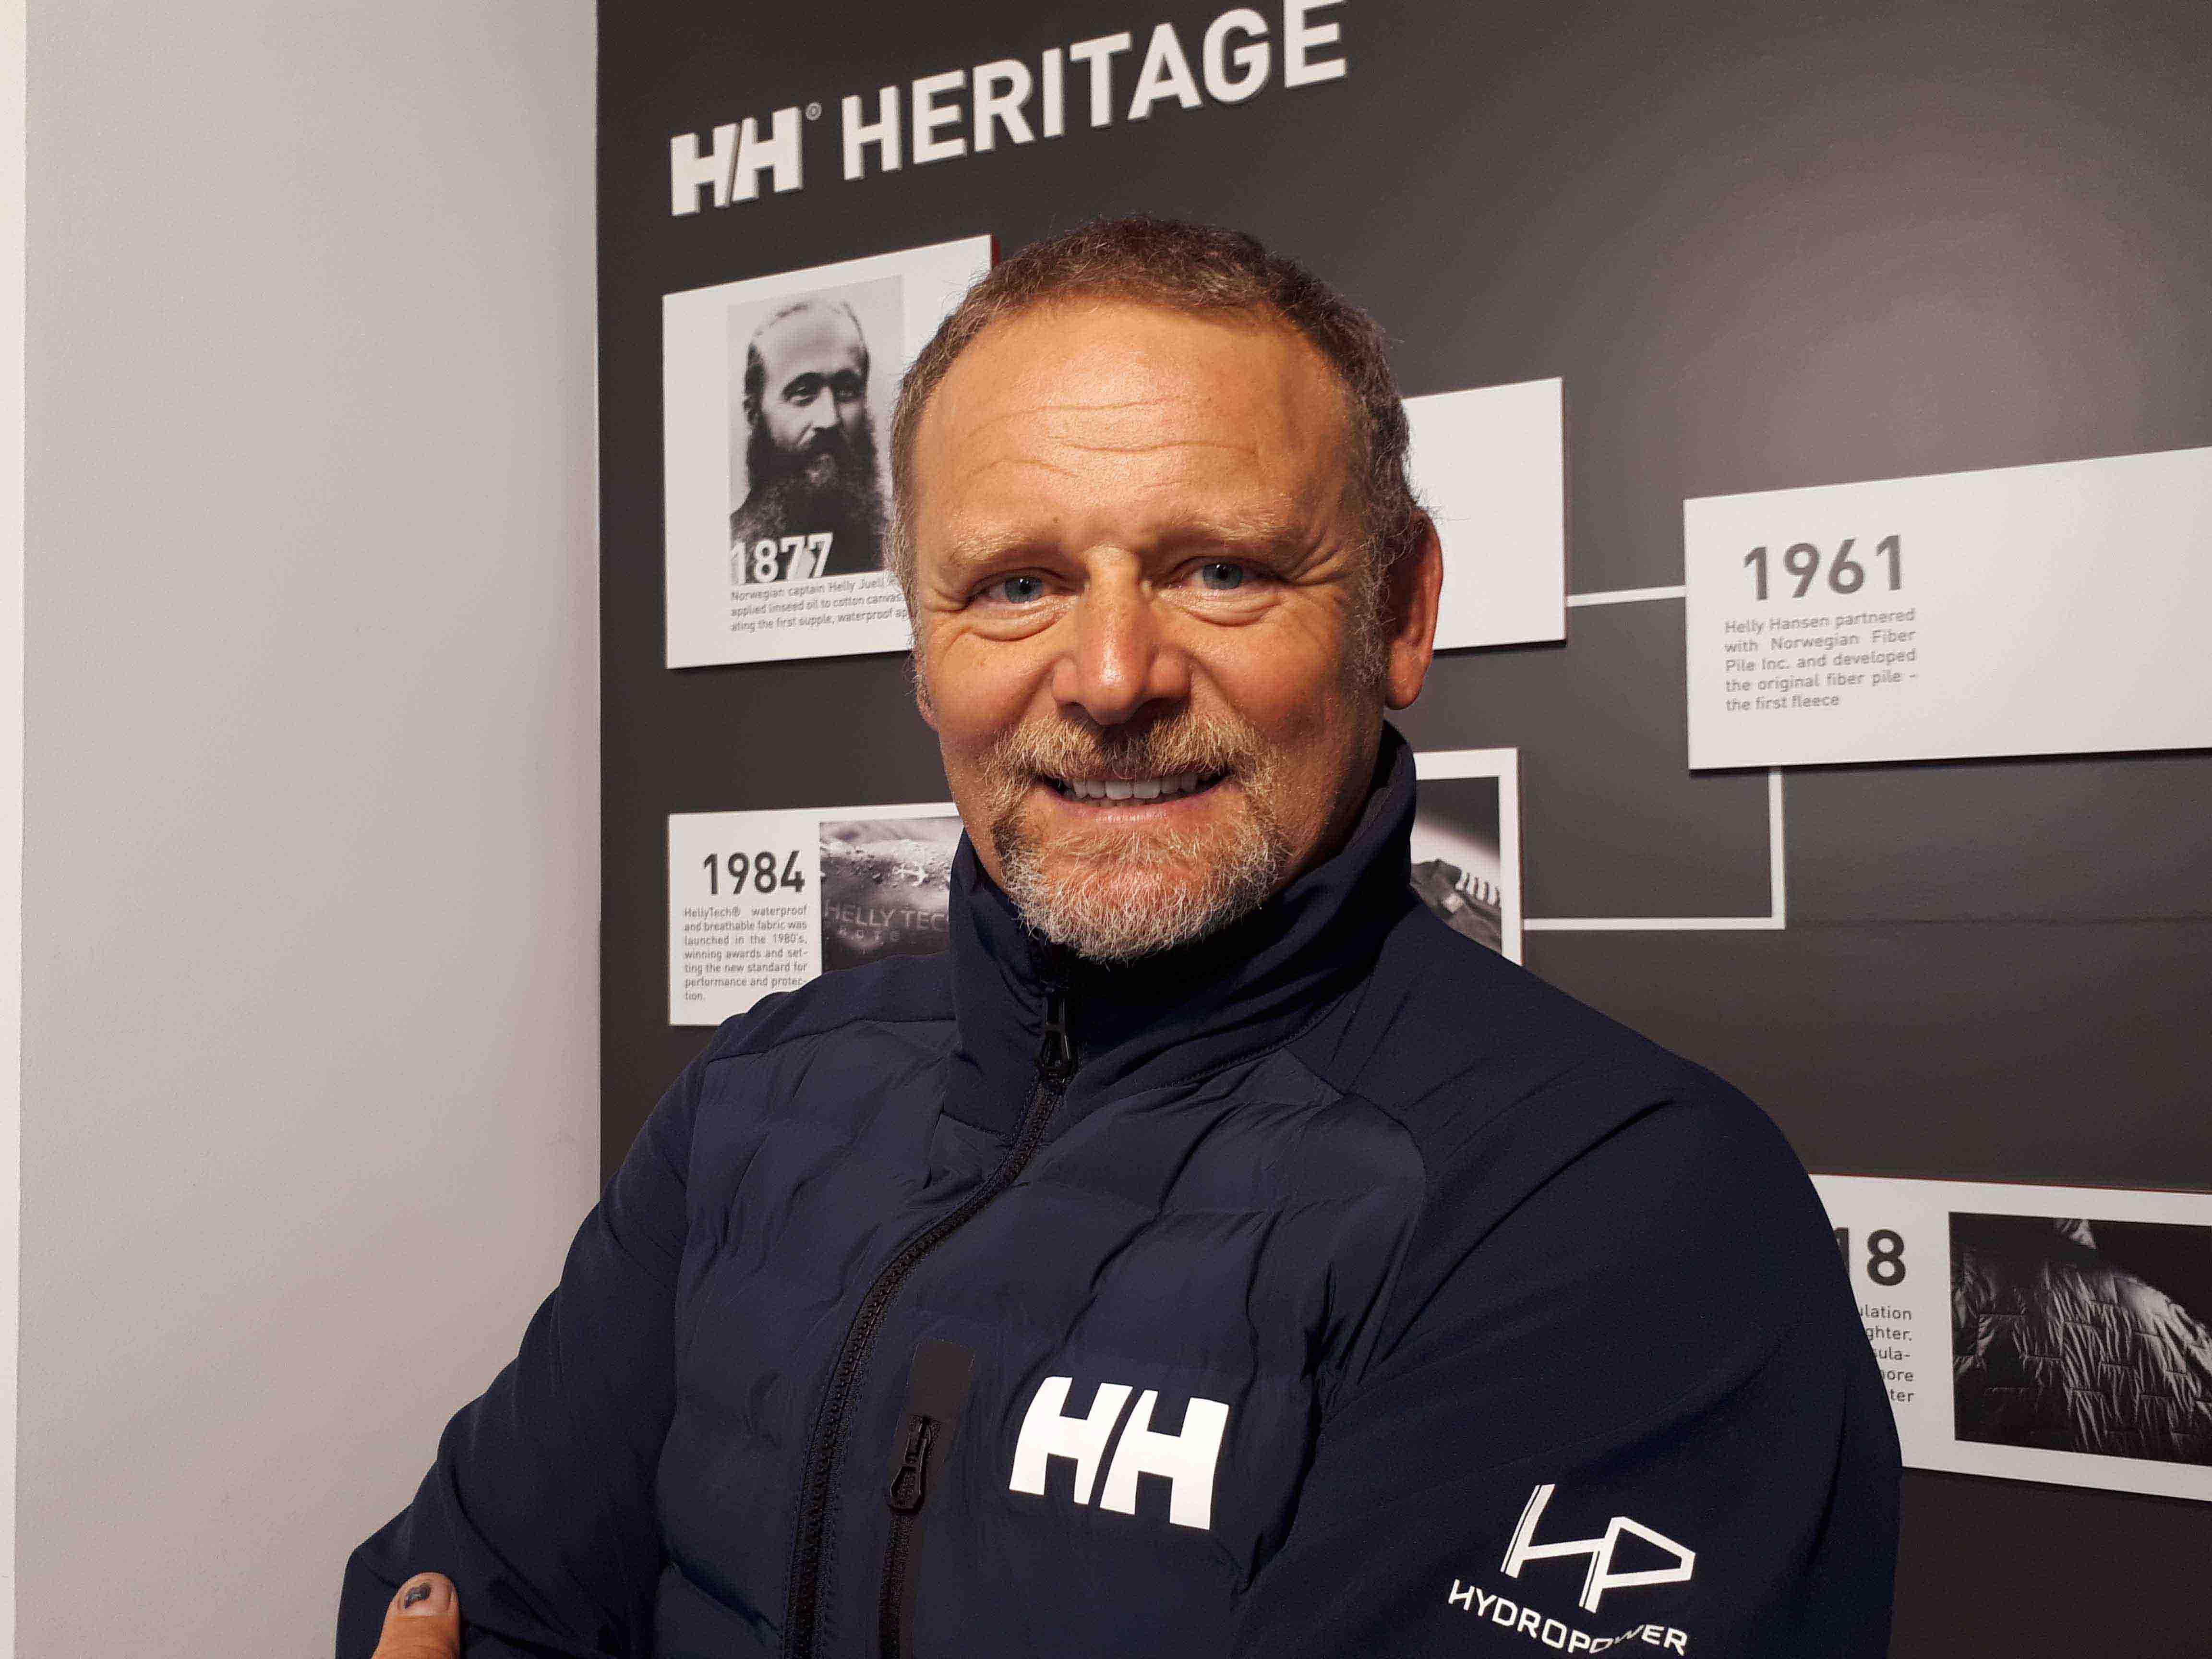 Helly Hansen equipará a Antonio de la Rosa en su nueva aventura por el Océano Antártico